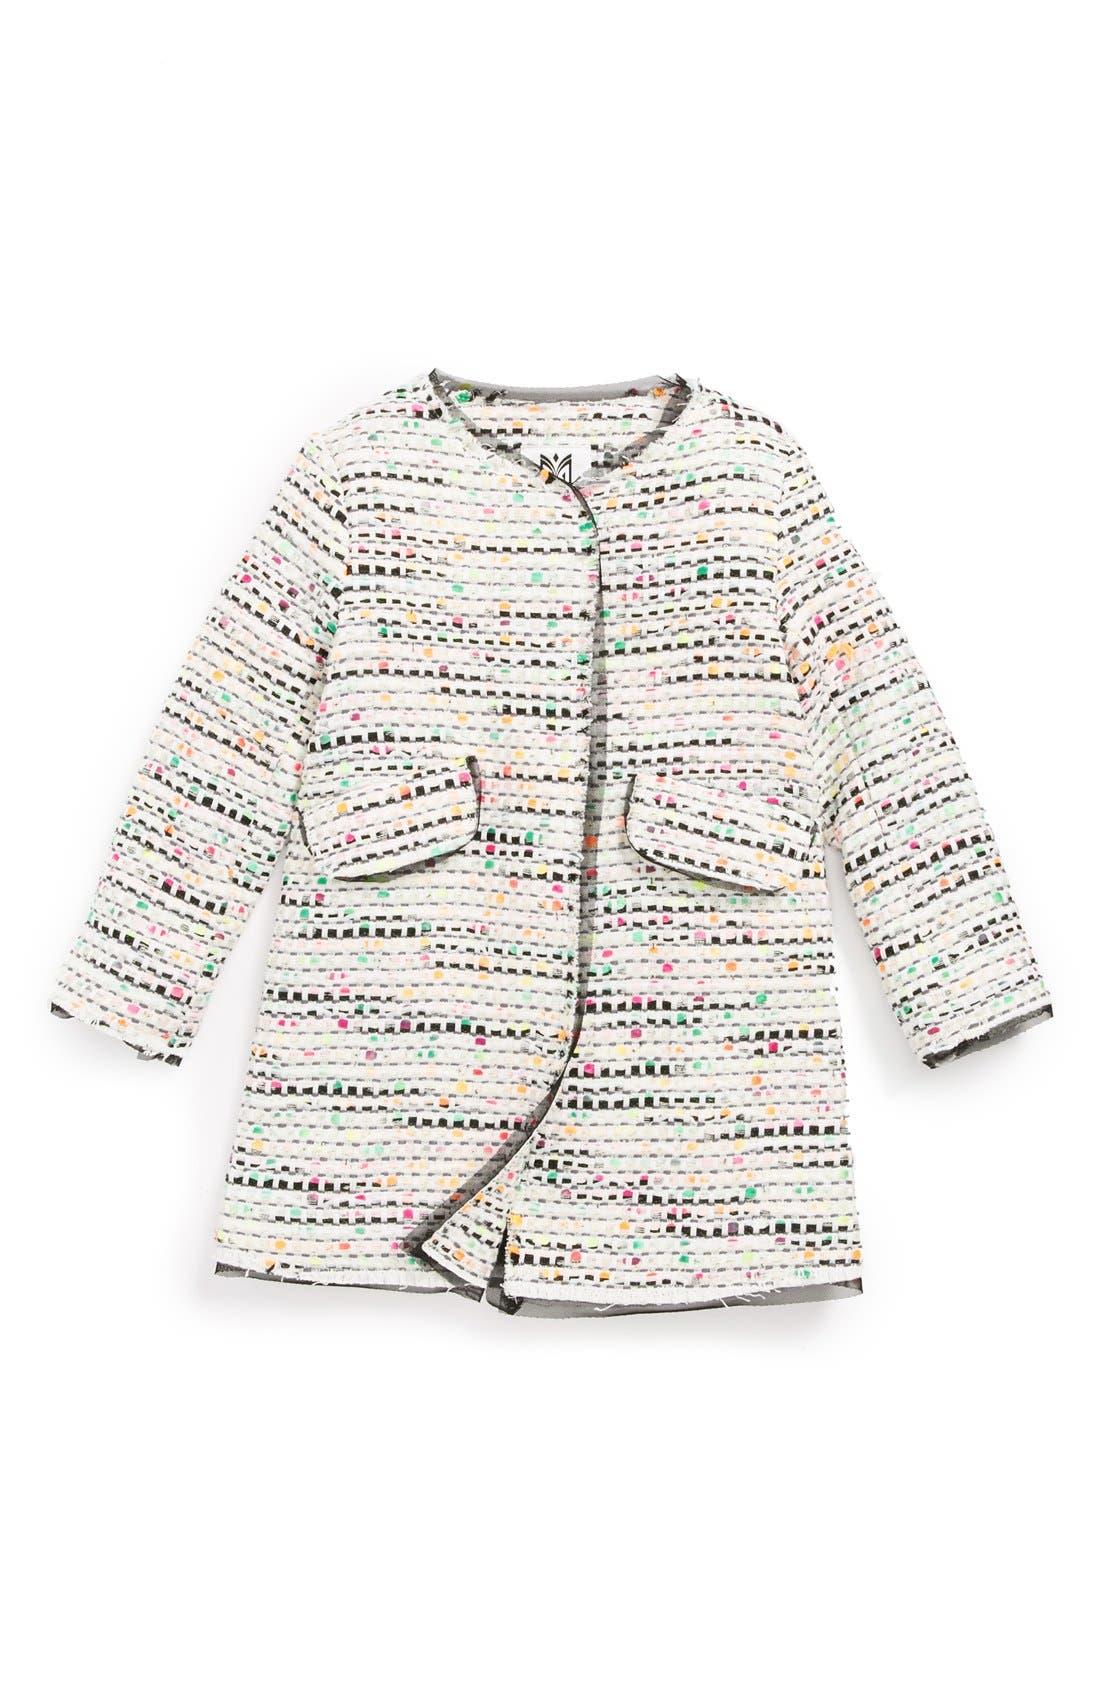 Main Image - Milly Minis 'Confetti' Tweed Coat (Toddler Girls, Little Girls & Big Girls)